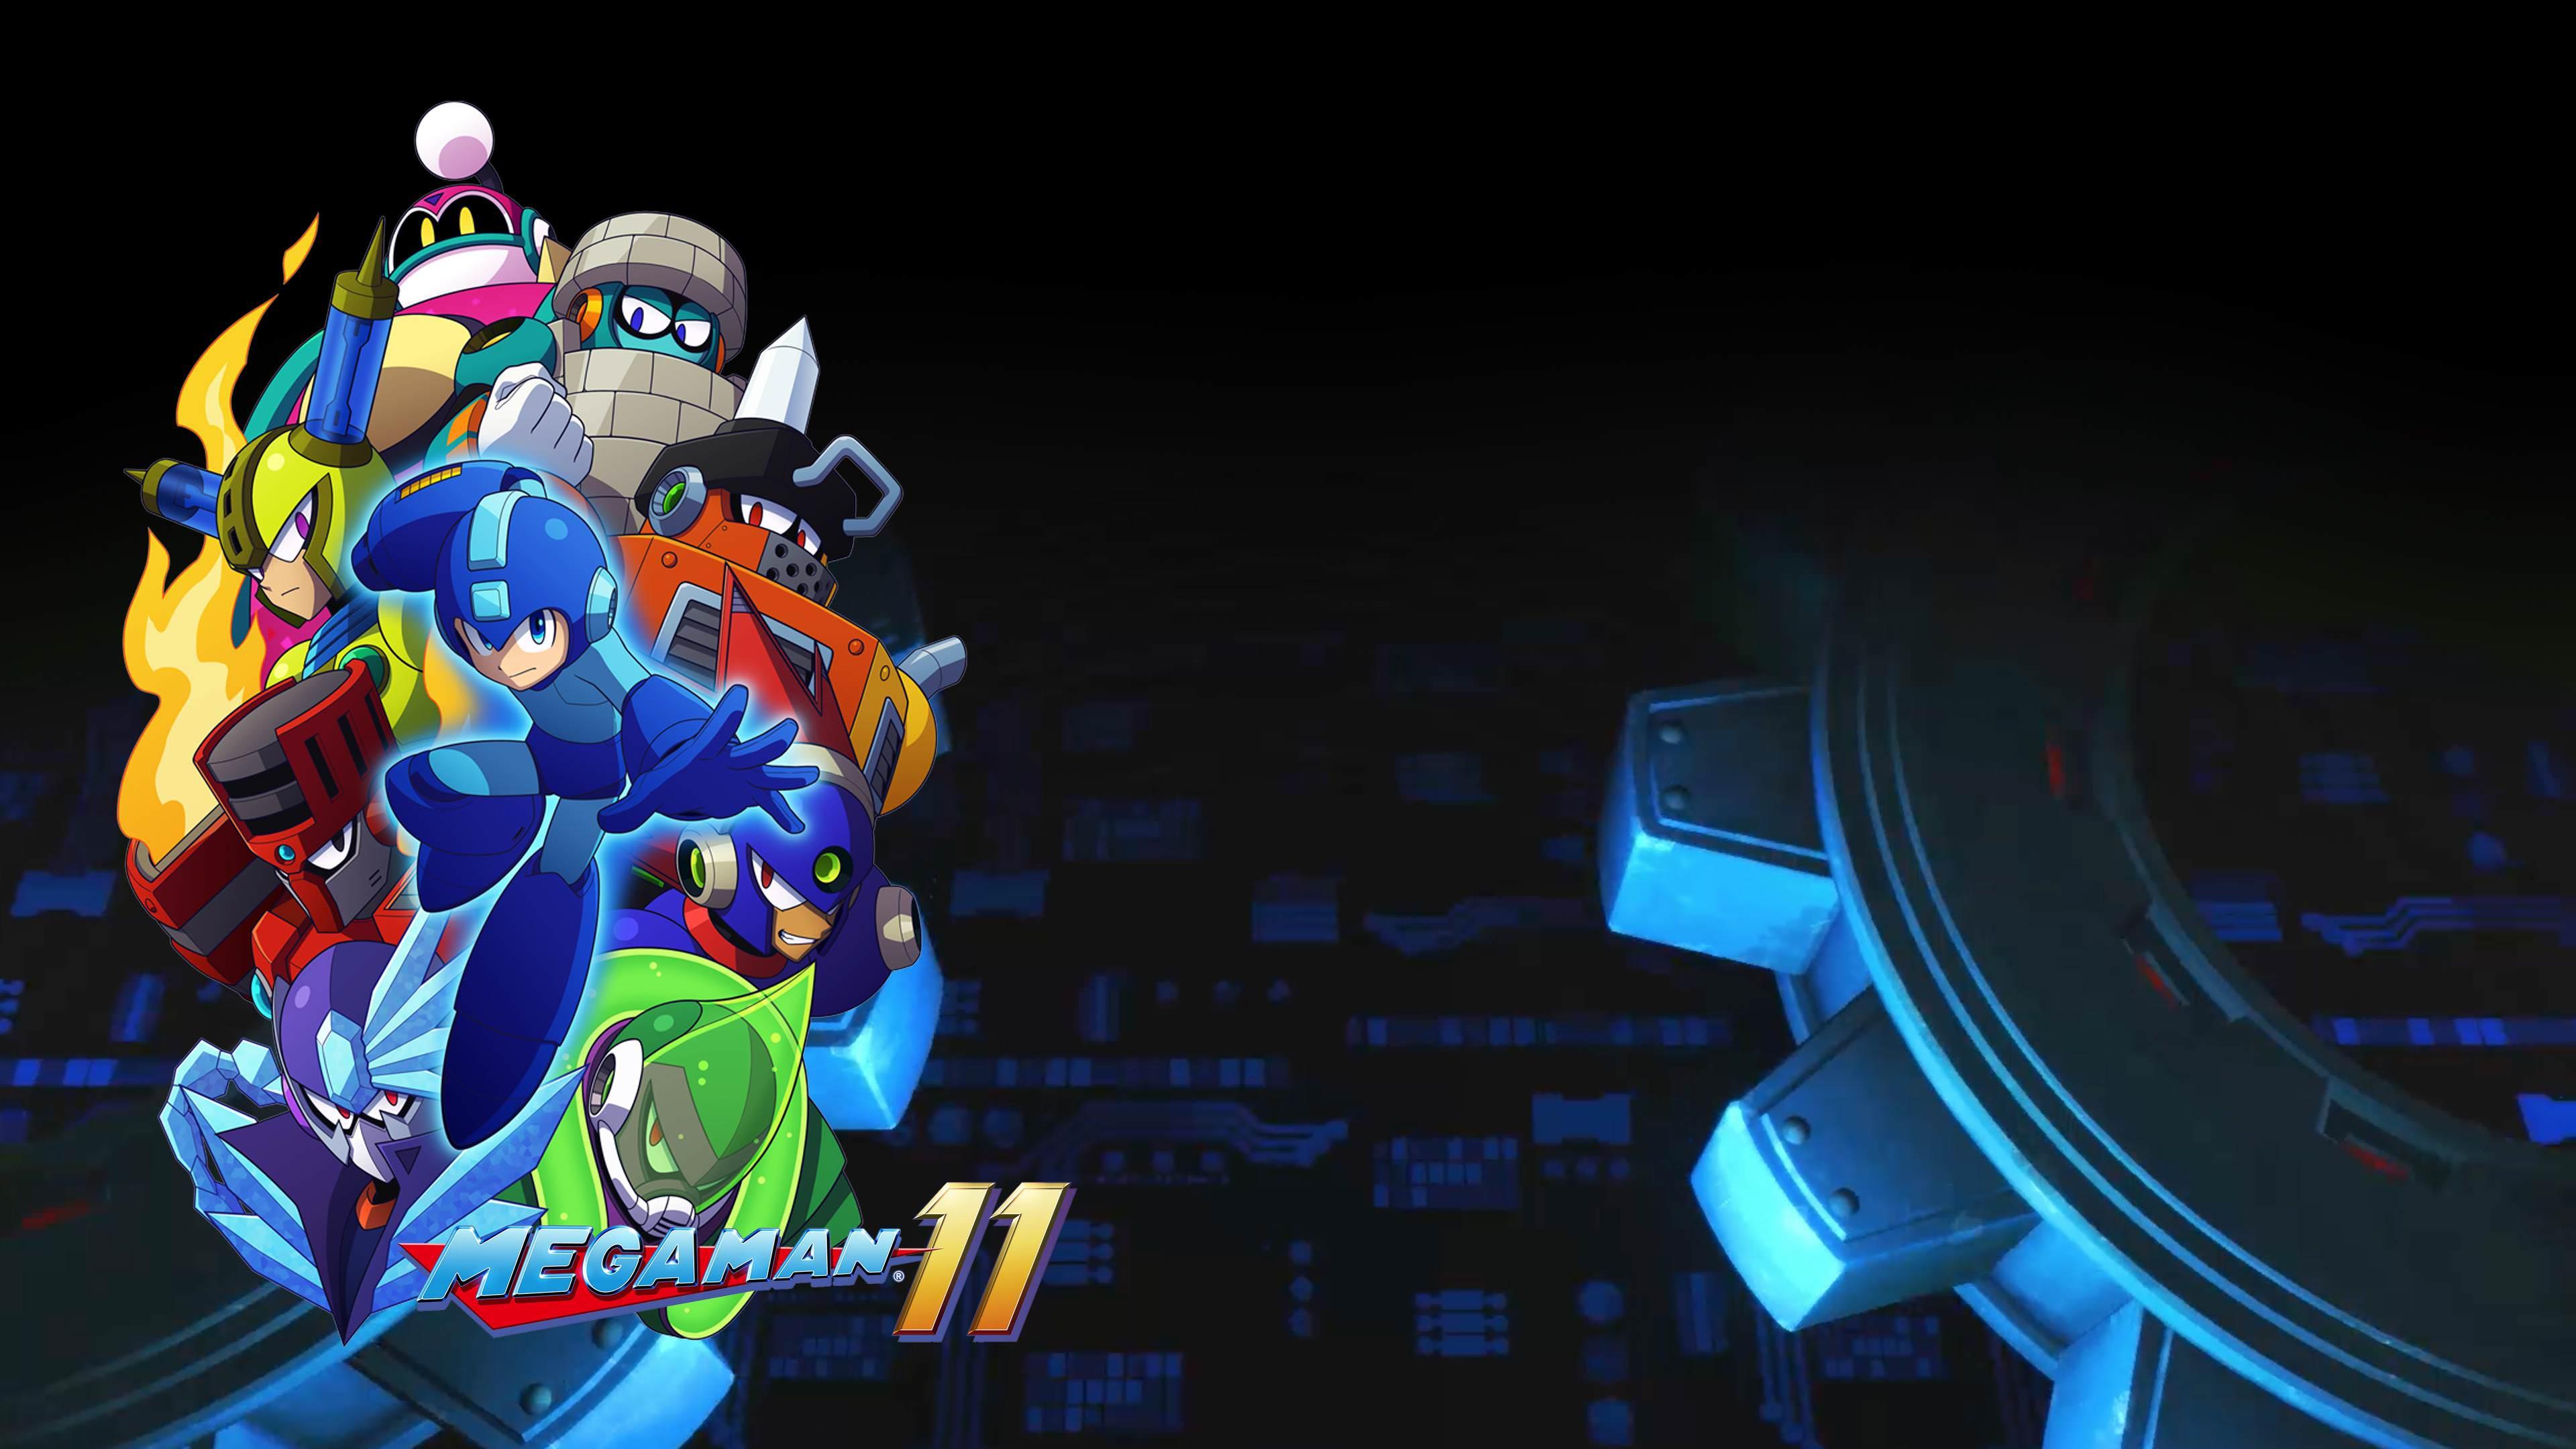 Mega Man 11 Wallpapers - Wallpaper Cave